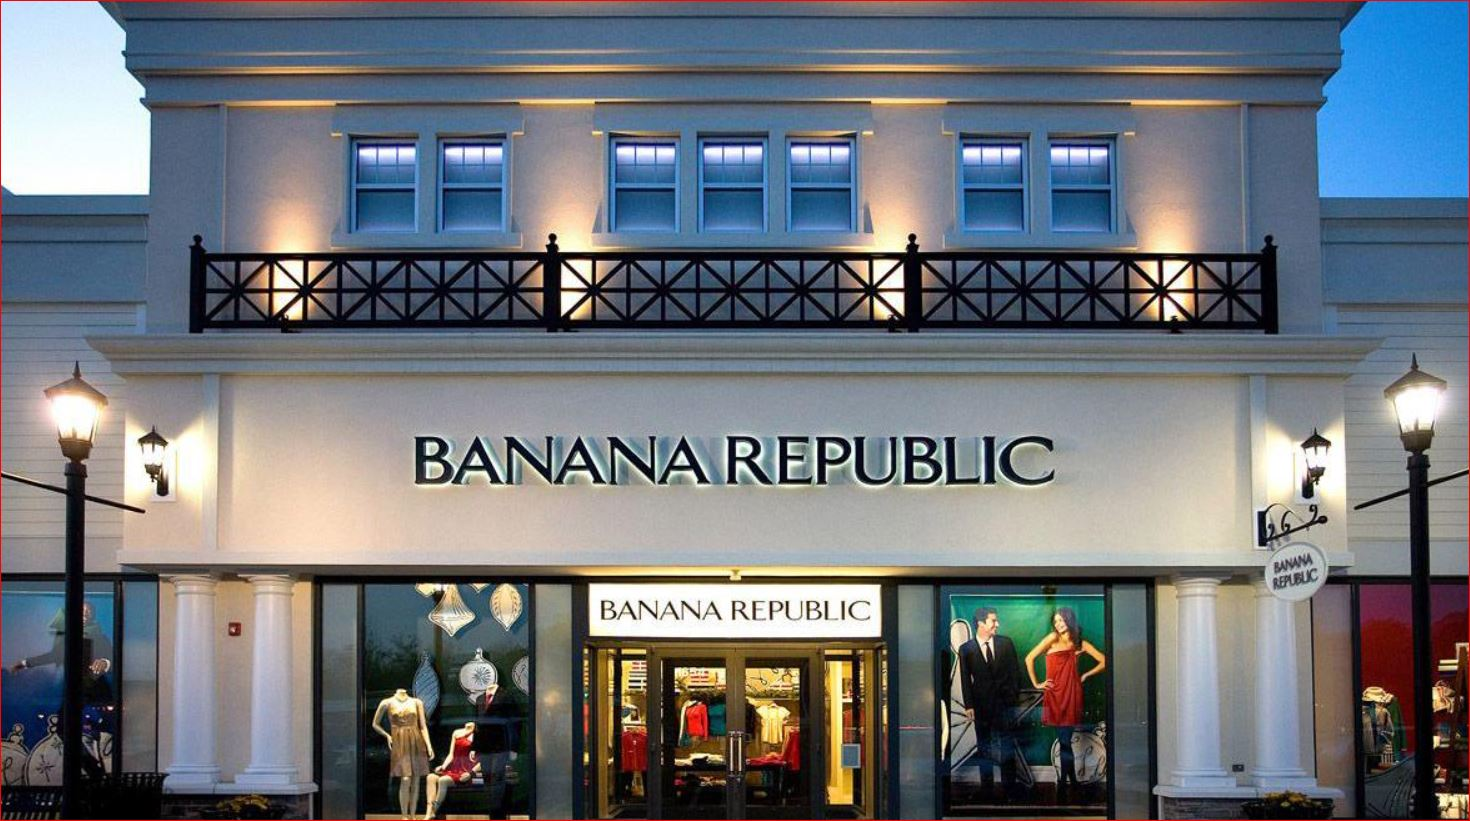 Banana Republic Customer Experience Survey